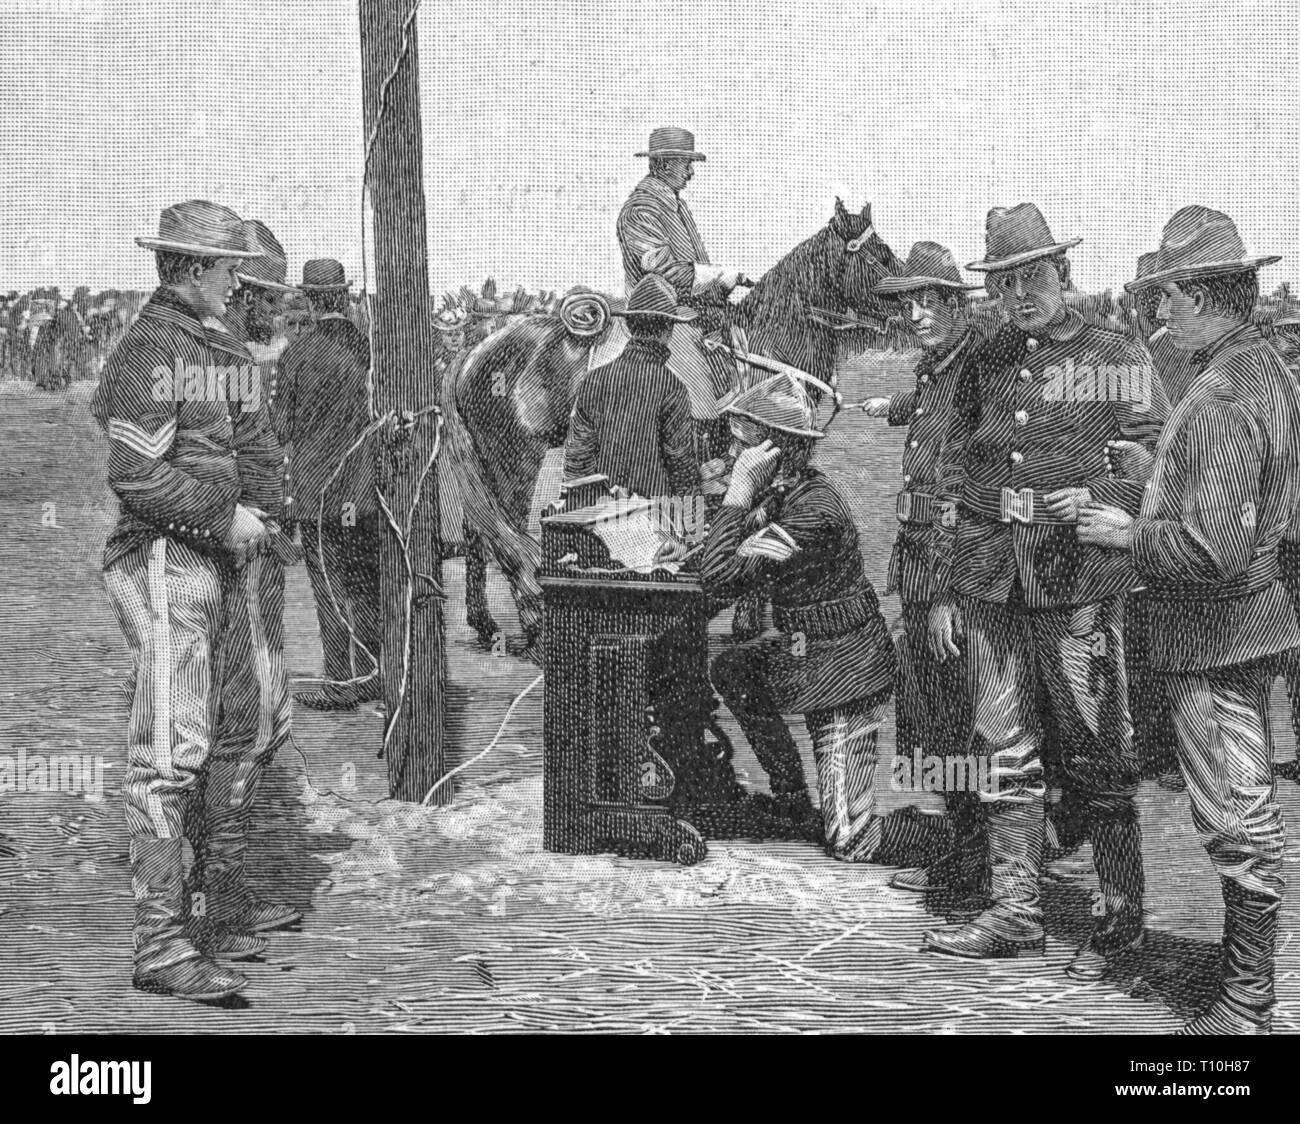 da93c1a9 Guerre hispano-américaine 1898, champ de téléphone de l'armée américaine  communications,